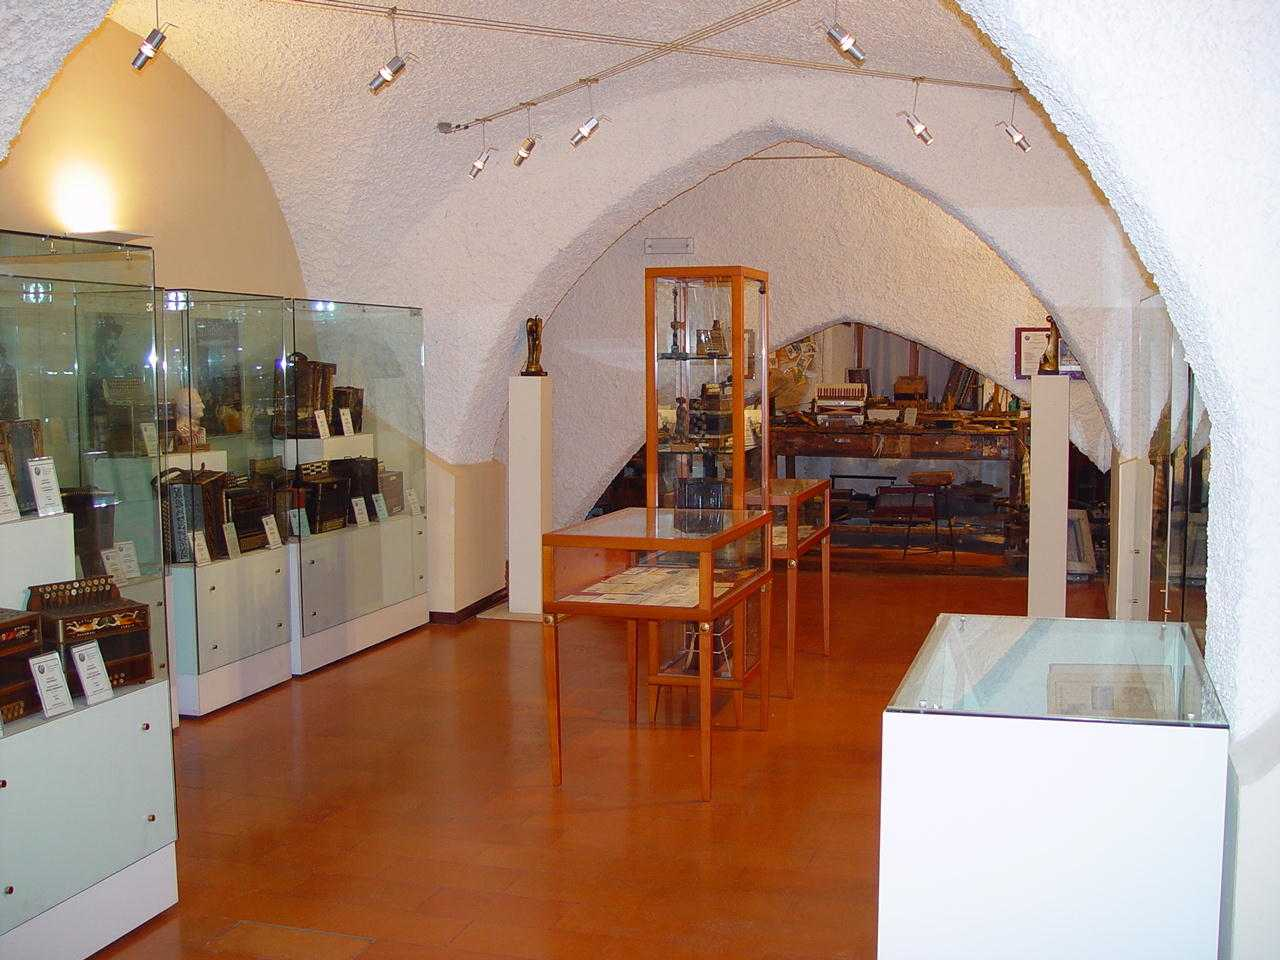 Apertura notturna straordinaria Museo della fisarmonica